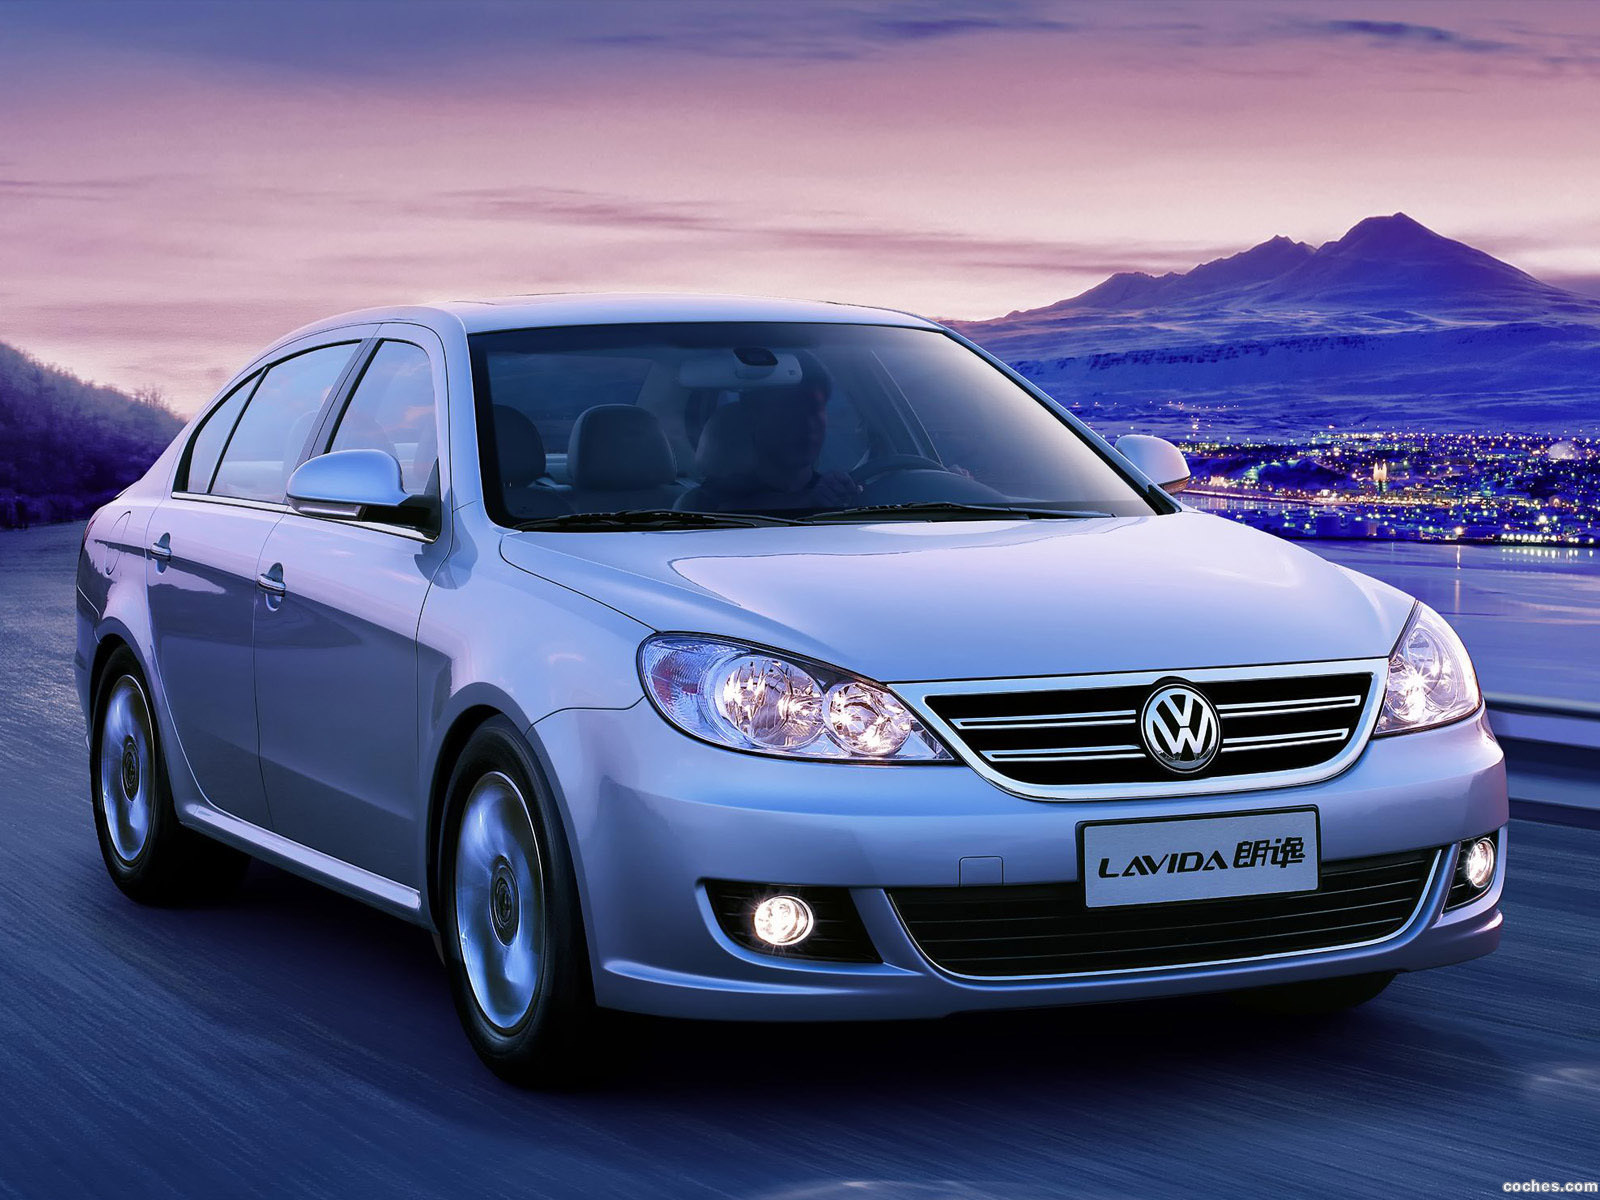 Foto 0 de Volkswagen Lavida 2008